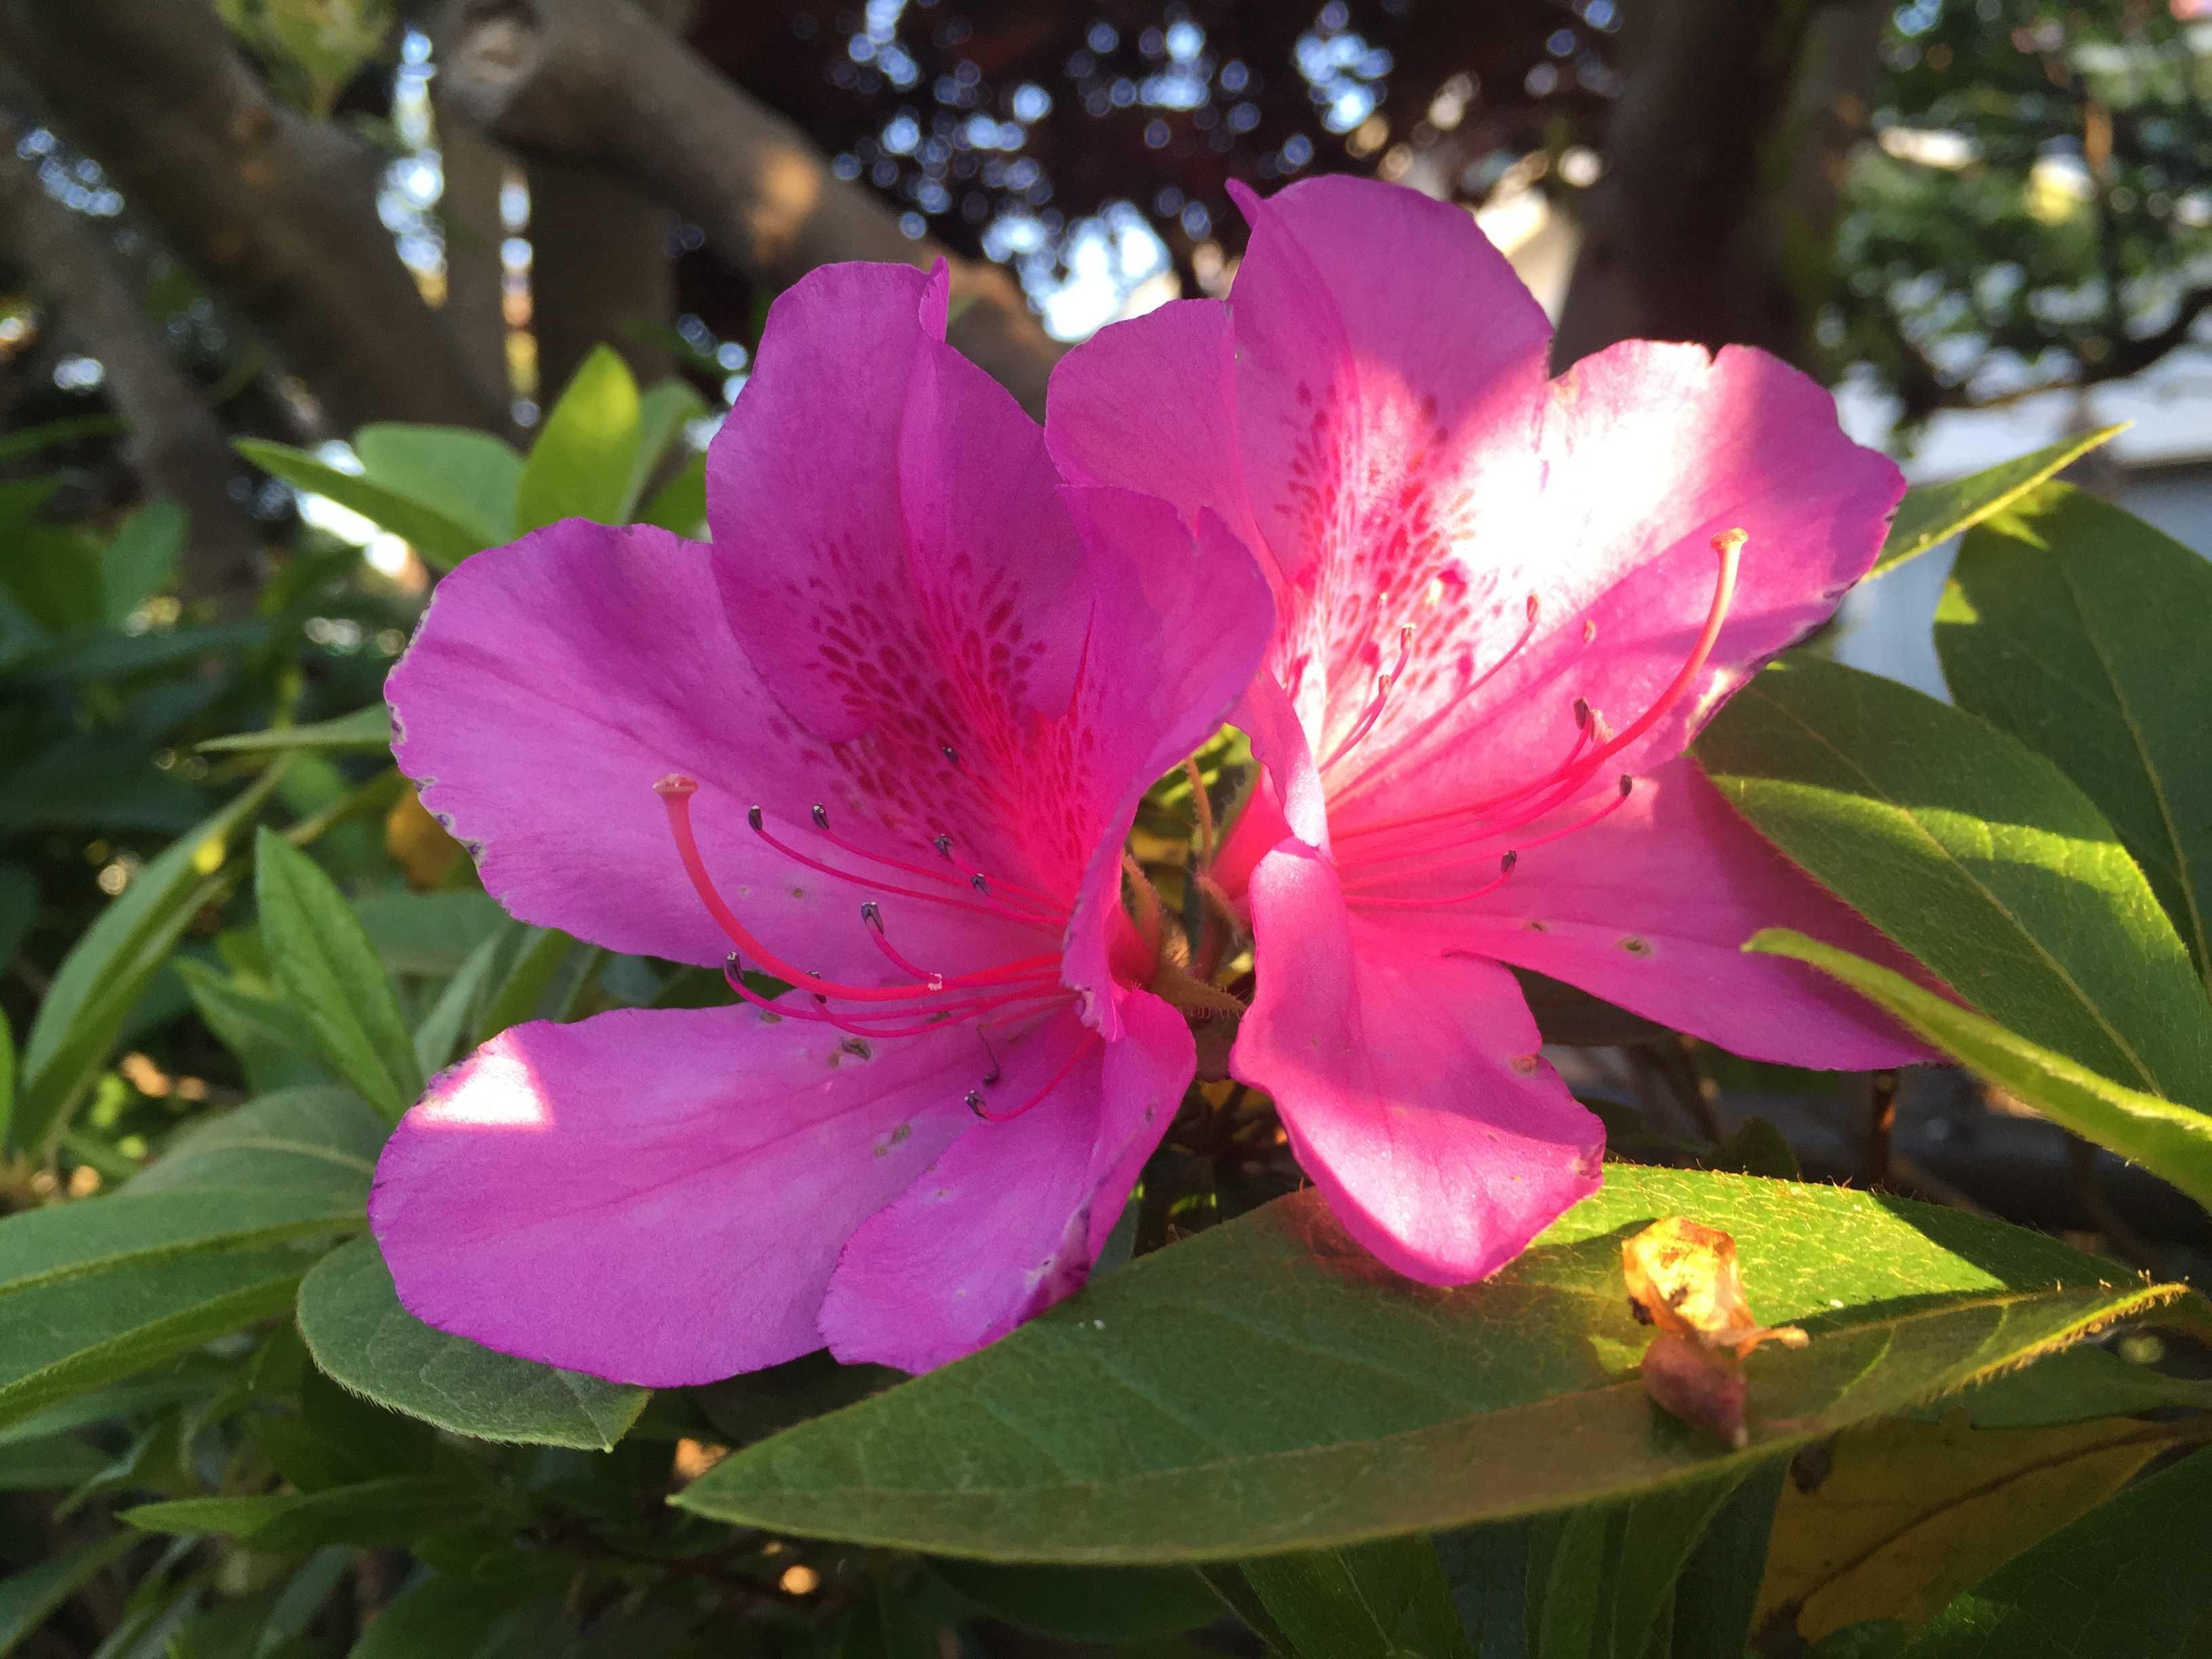 朝日が射すピンク色のツツジ